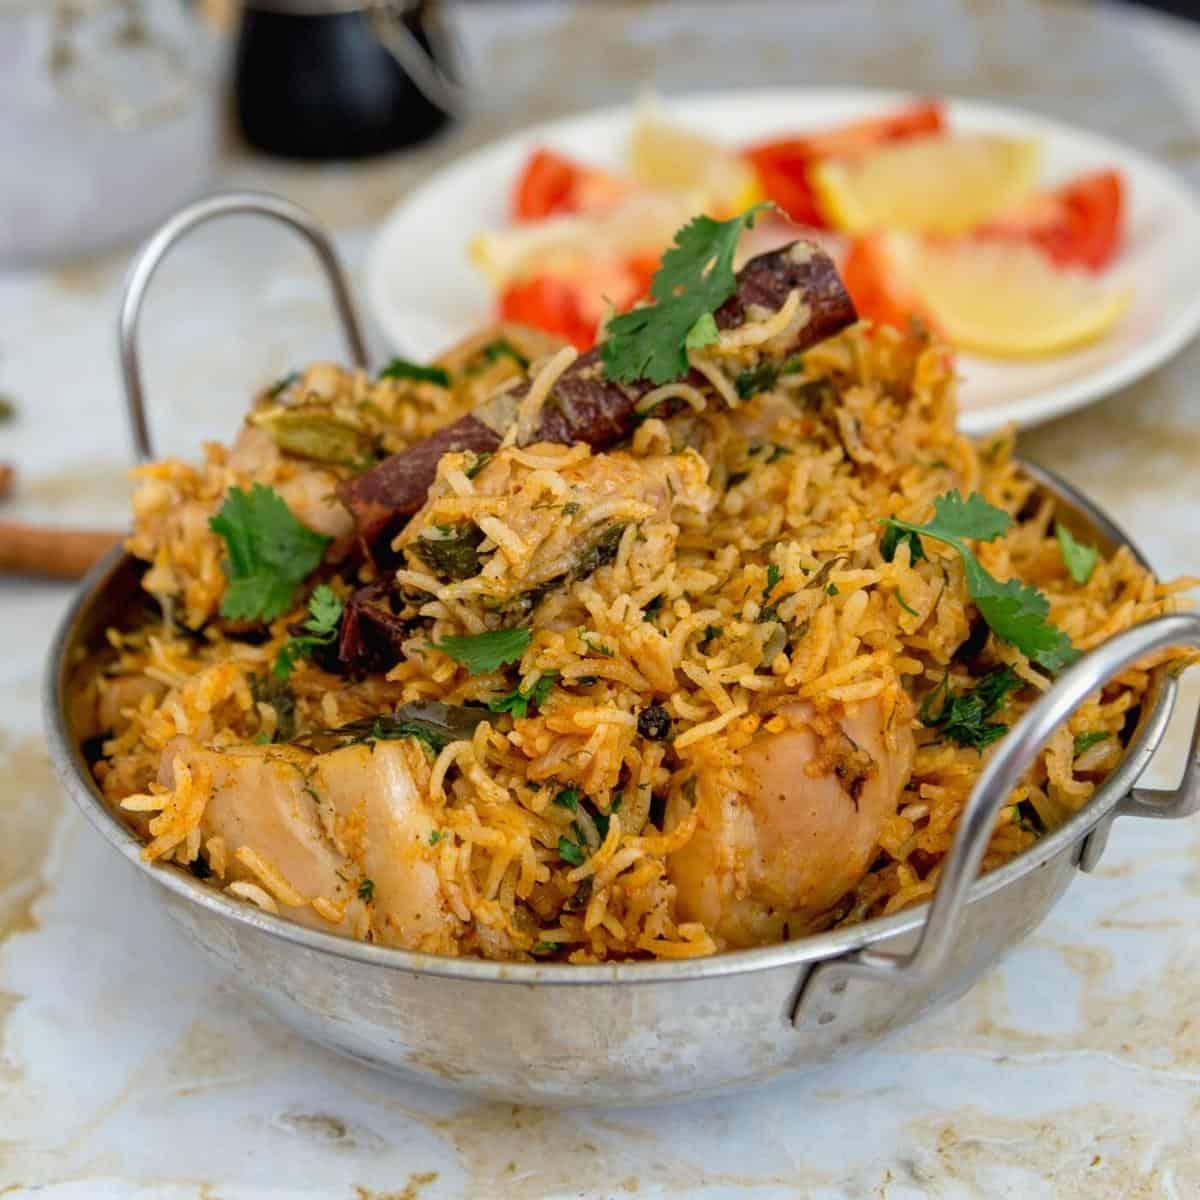 A dish with birayni.